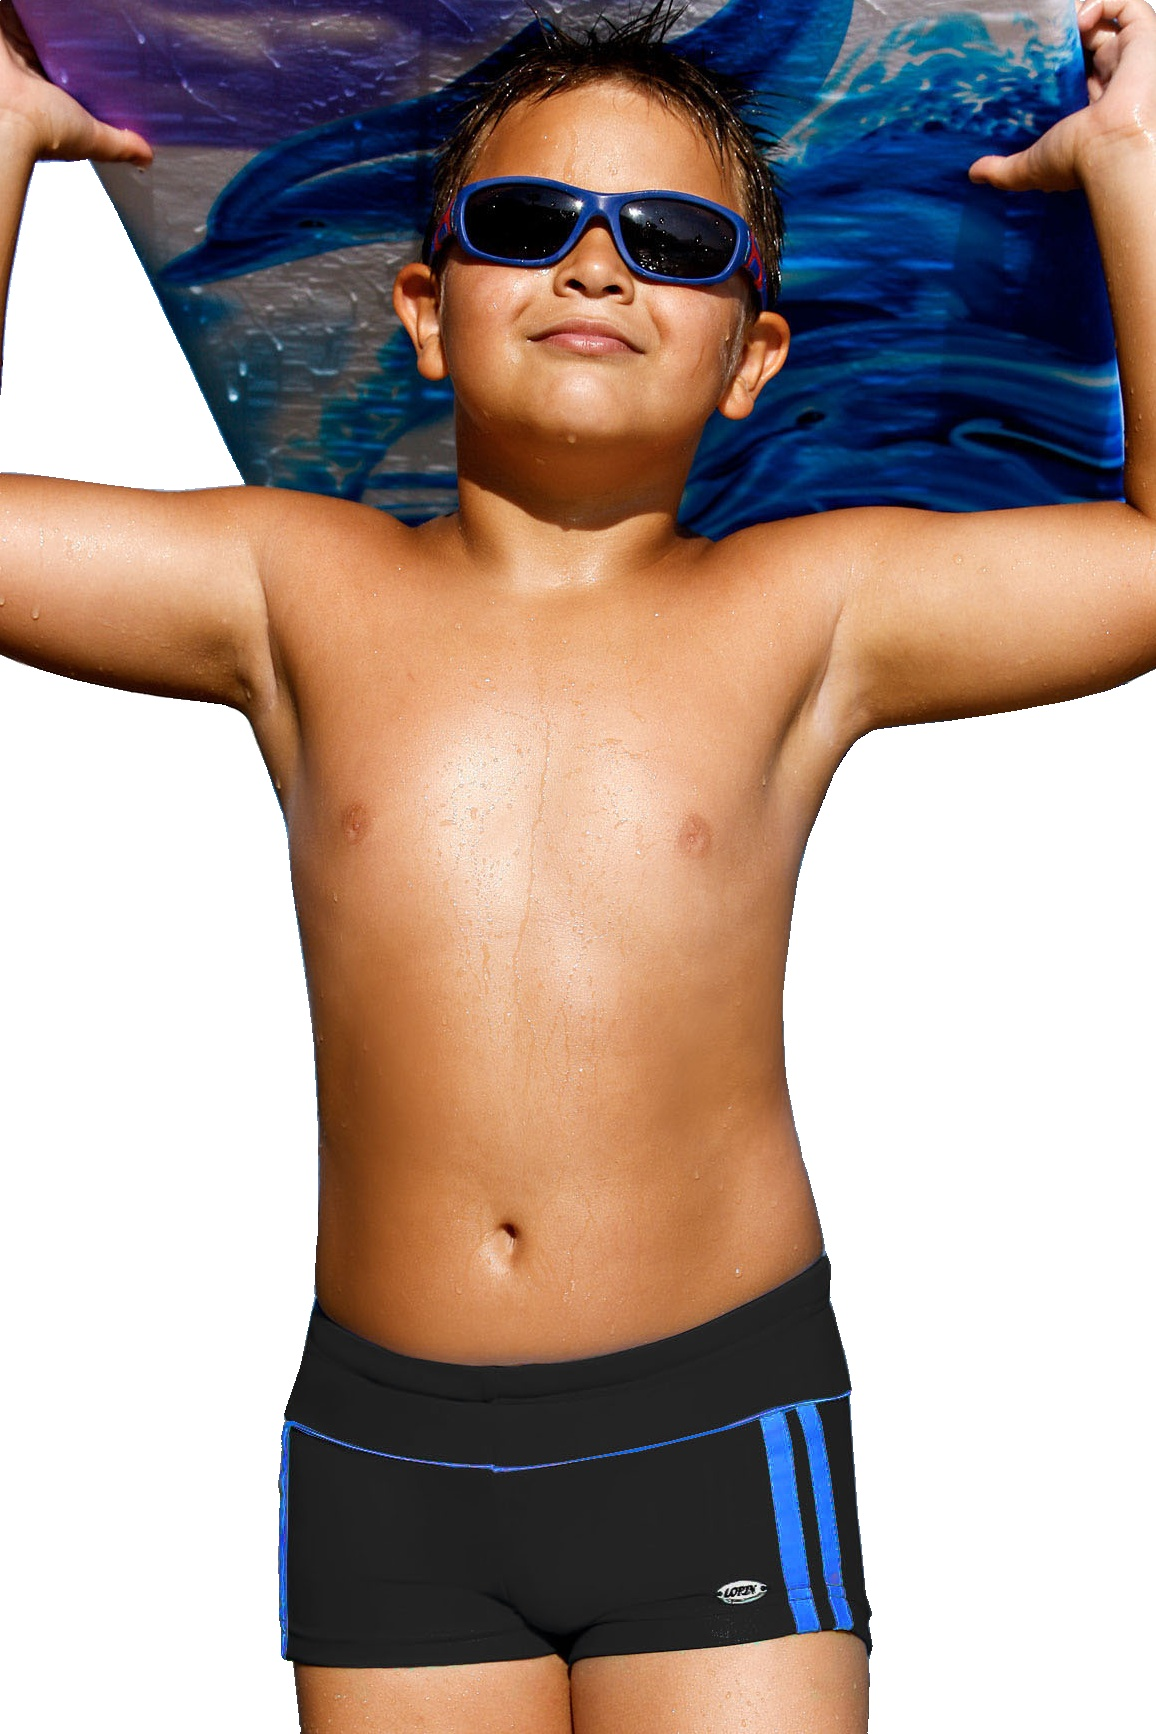 Plavky chlapecké Jirka černé